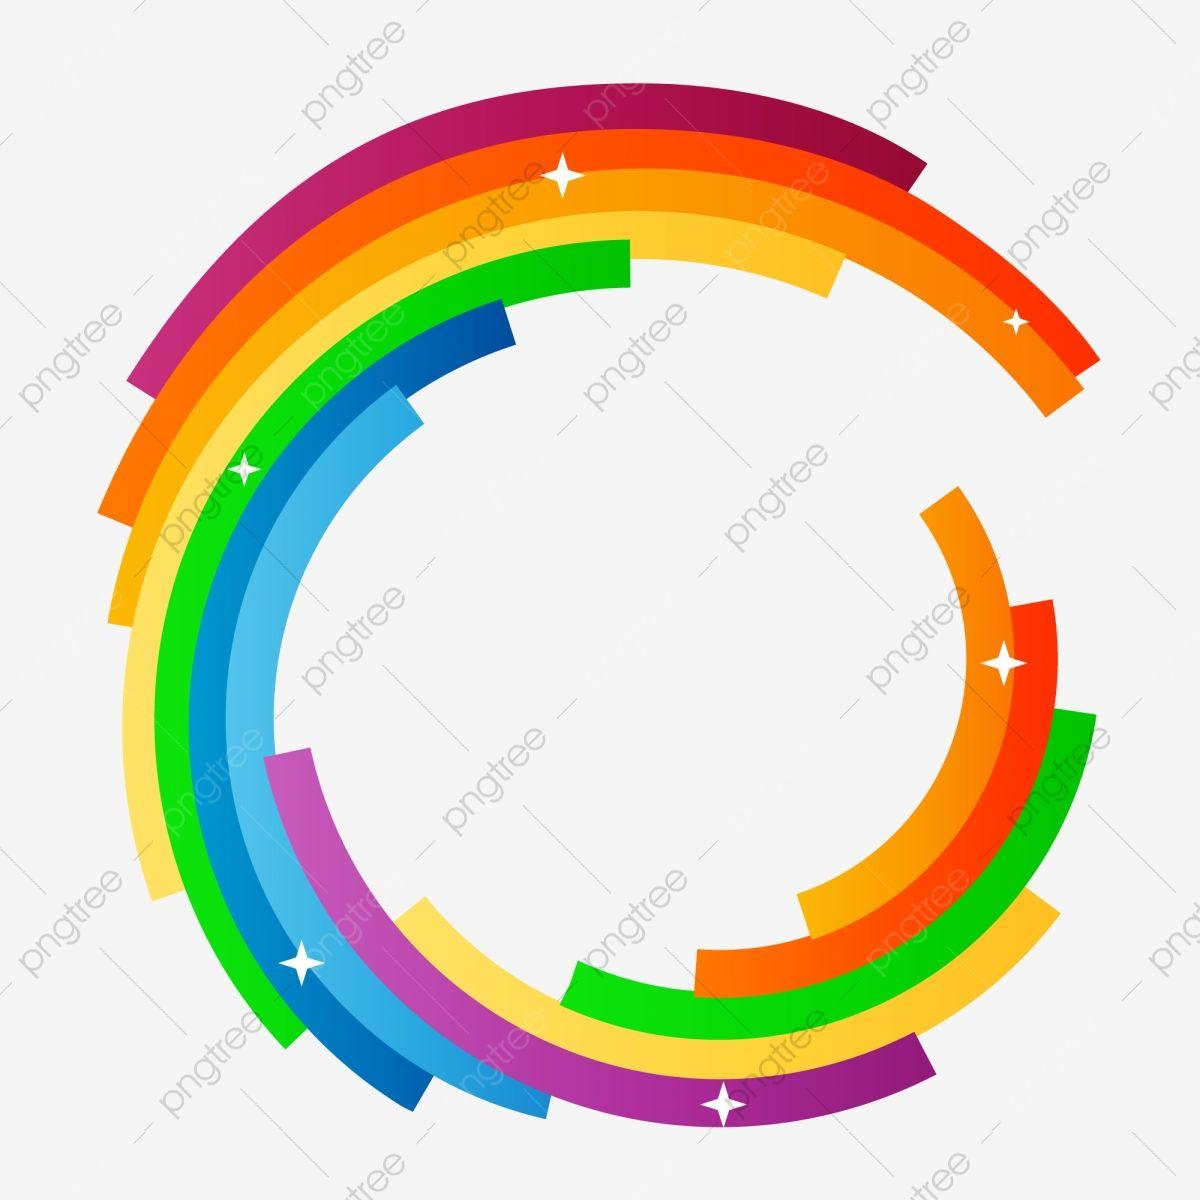 قوس قزح لون زخرفة تكنولوجيا الديكور دائرة نمط الديكور نمط الديكور لون قوس قزح نمط زخرفي نمط زخرفي زخرفة لون قوس قزح Png والمتجهات للتحميل مجانا In 2020 Pattern And Decoration